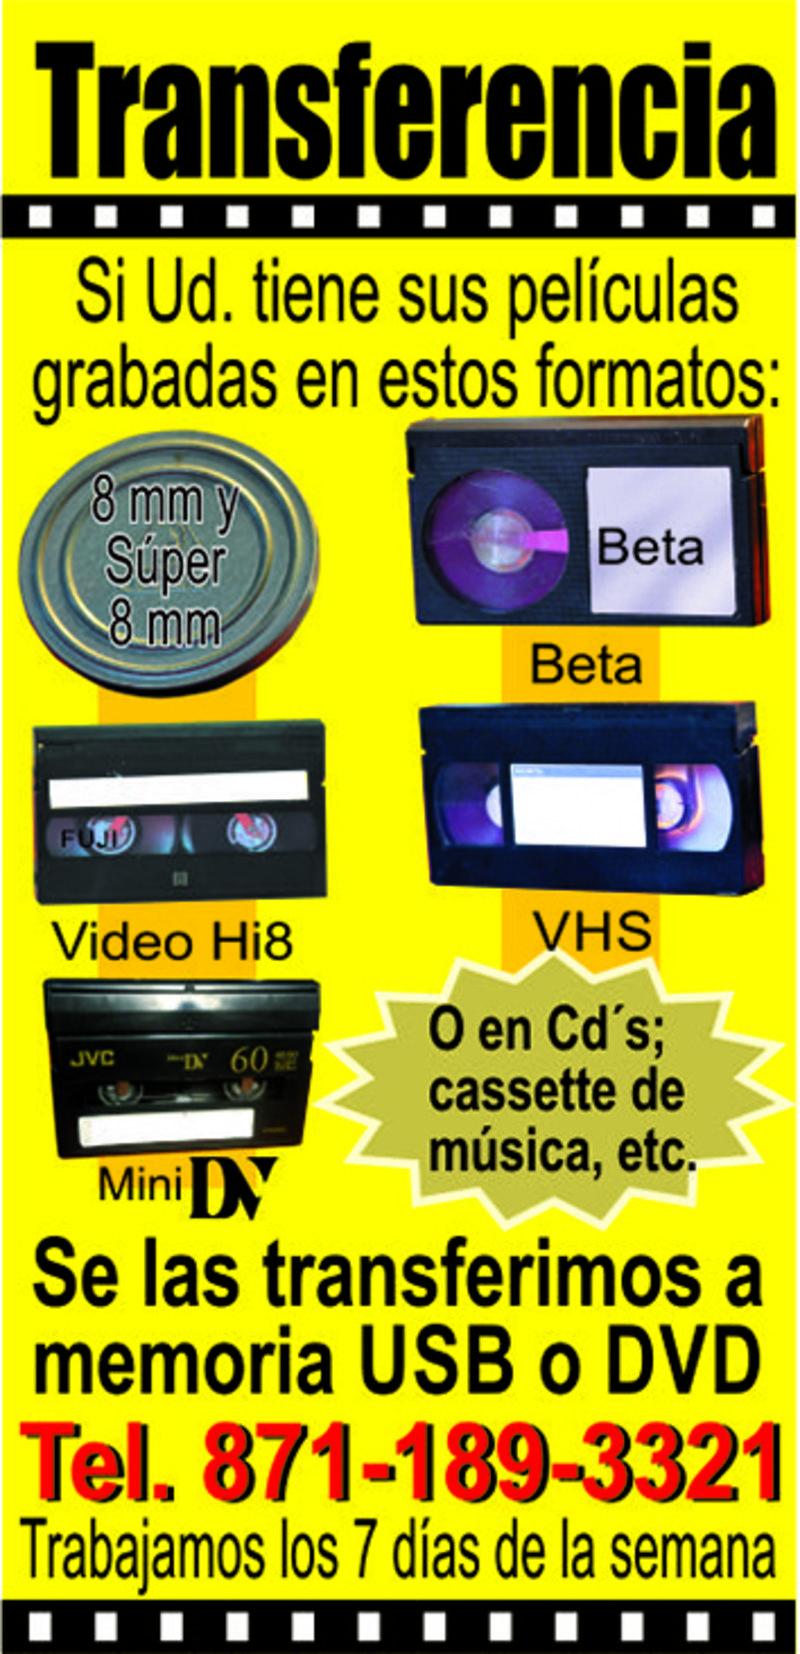 CONVERTIR PELICULAS A USB